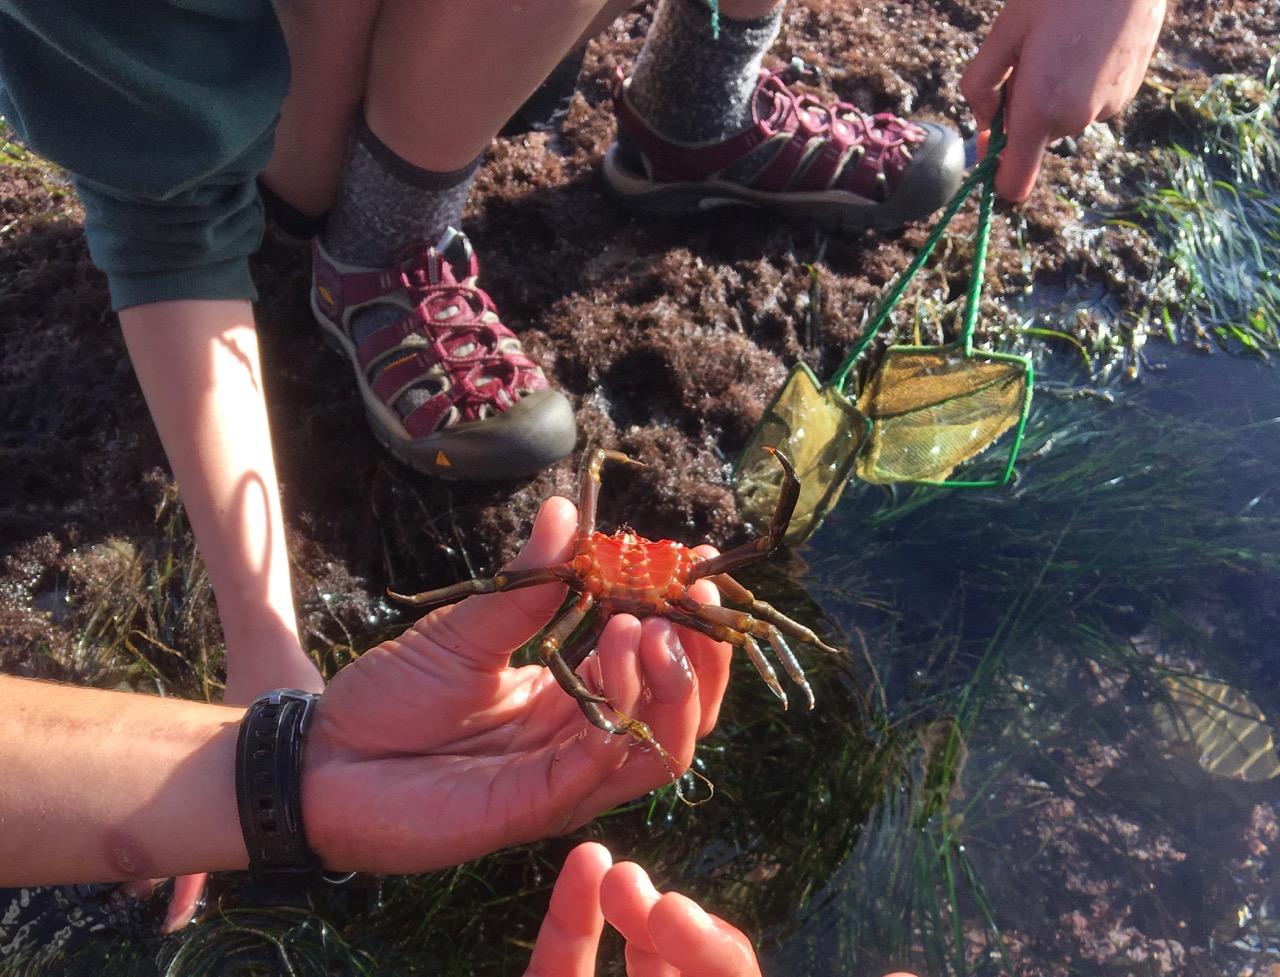 Examining a kelp crab